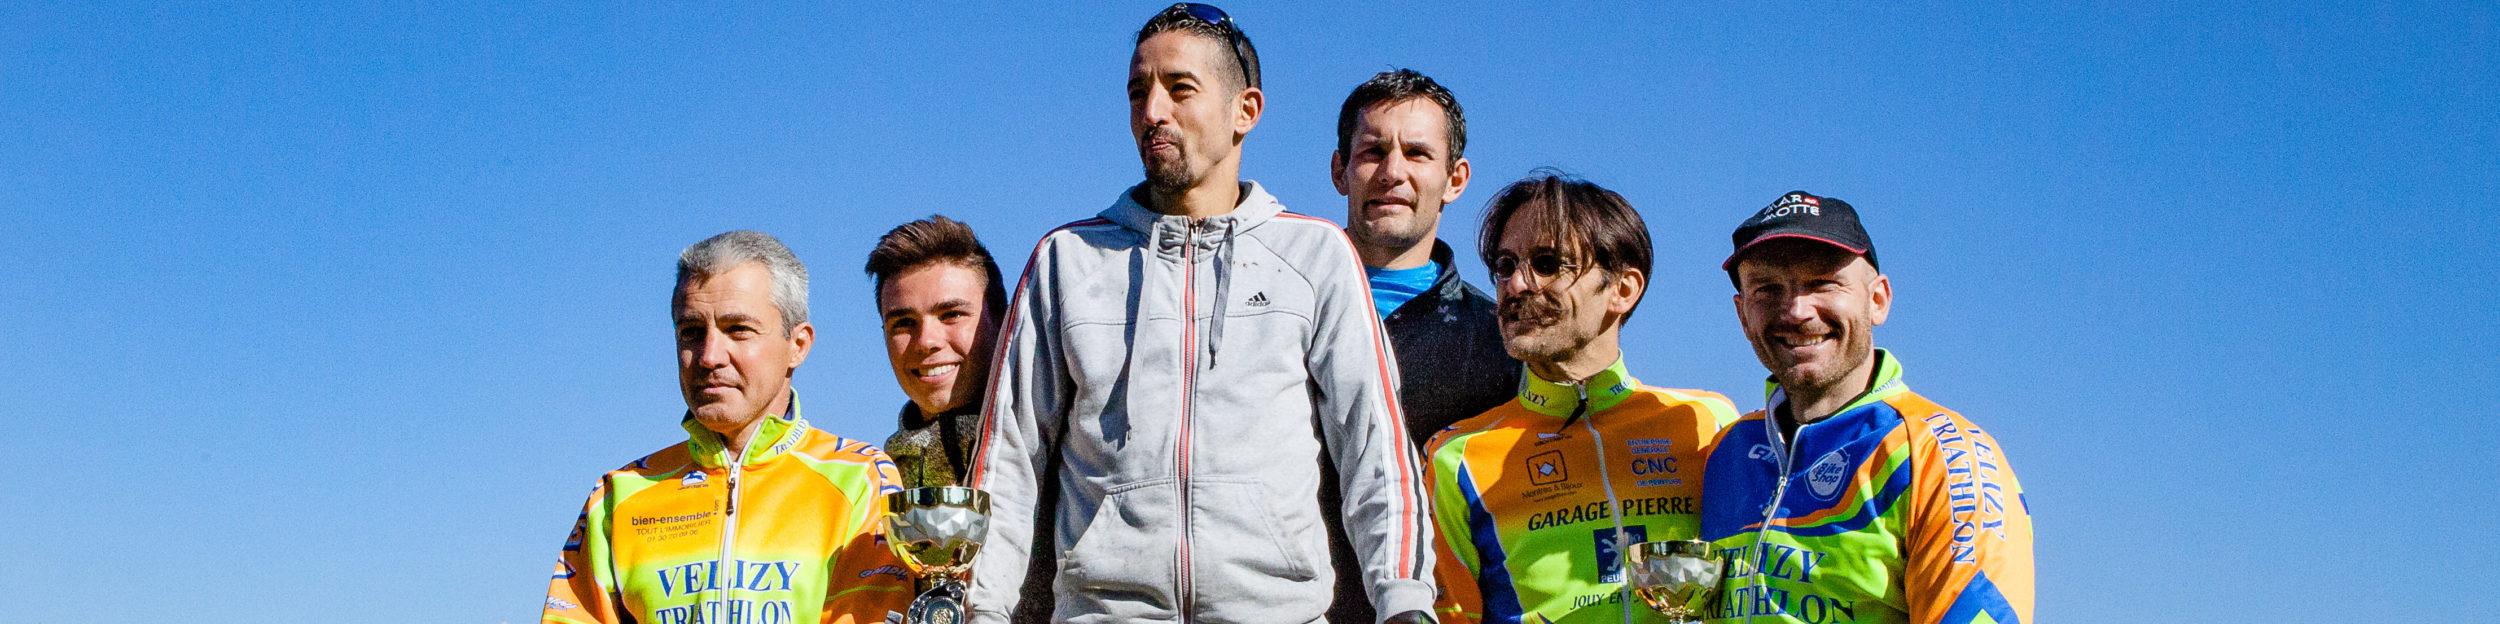 Run and bike de Vélizy